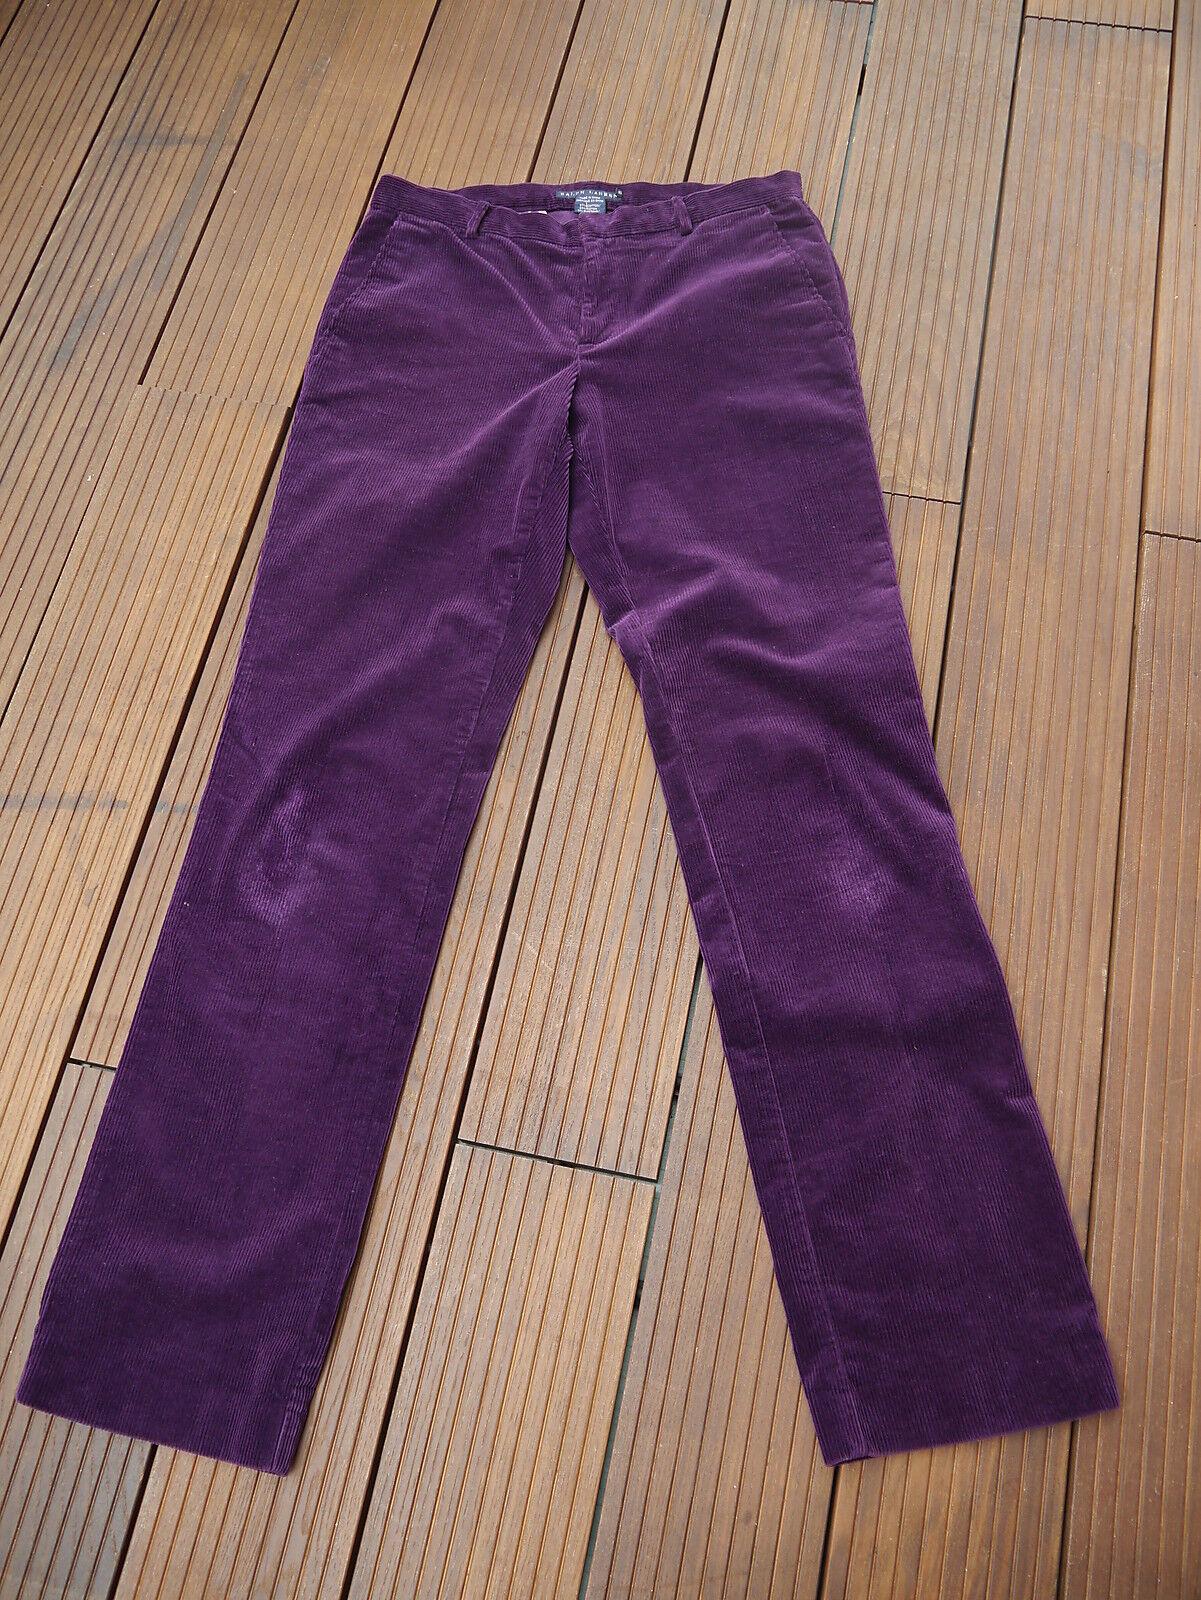 Ralph Ralph Ralph Lauren Damen Cord Jeans  Hose Stretch lila Gr.6  36 D   Sorgfältig ausgewählte Materialien    Produktqualität    Starke Hitze- und Hitzebeständigkeit    Perfekte Verarbeitung  4a3fe9